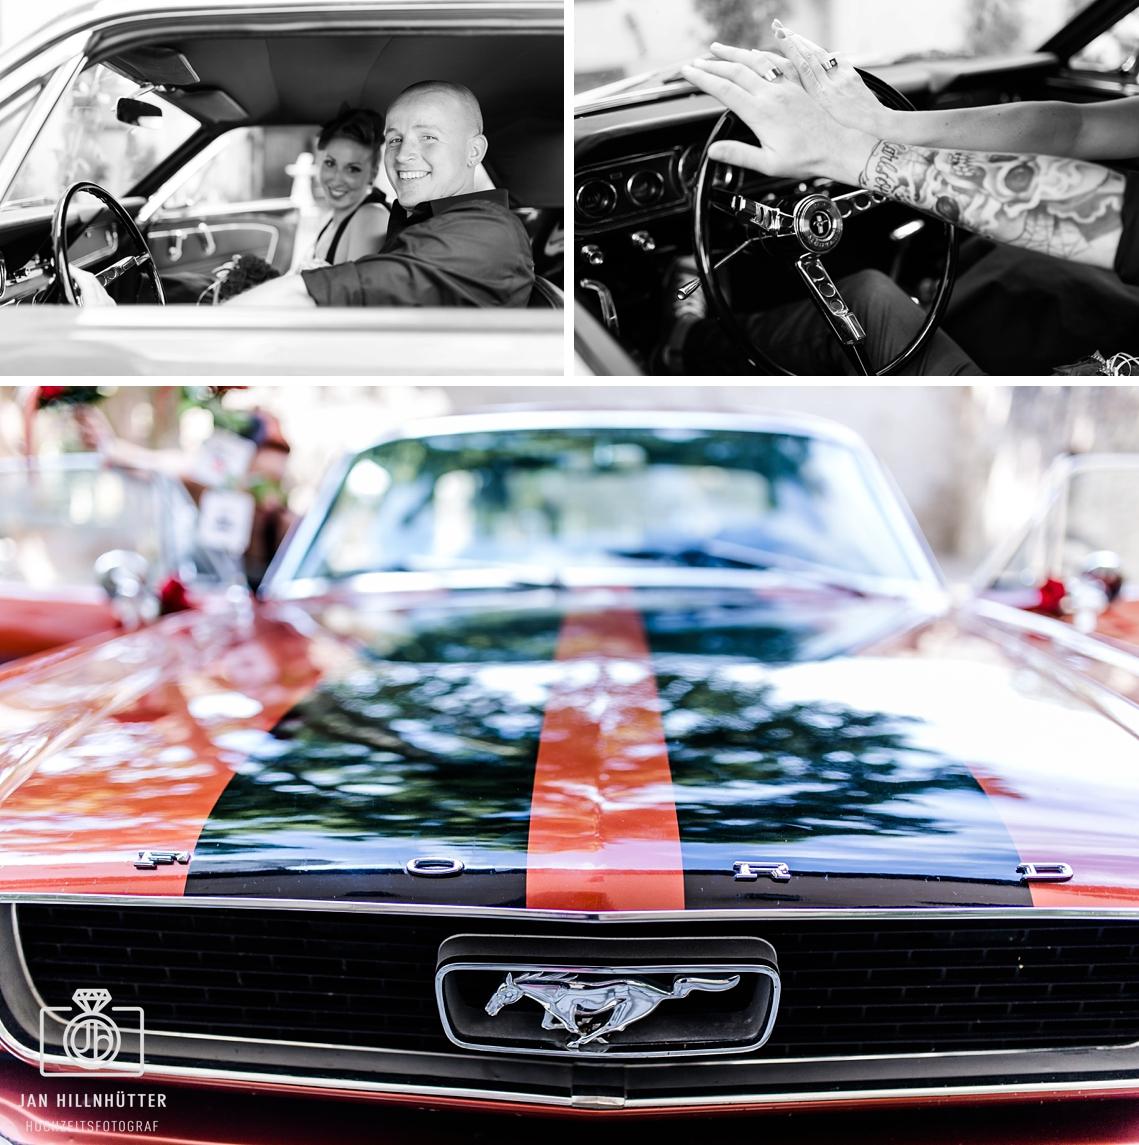 Ford-Mustang-Rockabilly-Brautpaar-Ringe-Tattoo-Burg-Eltville